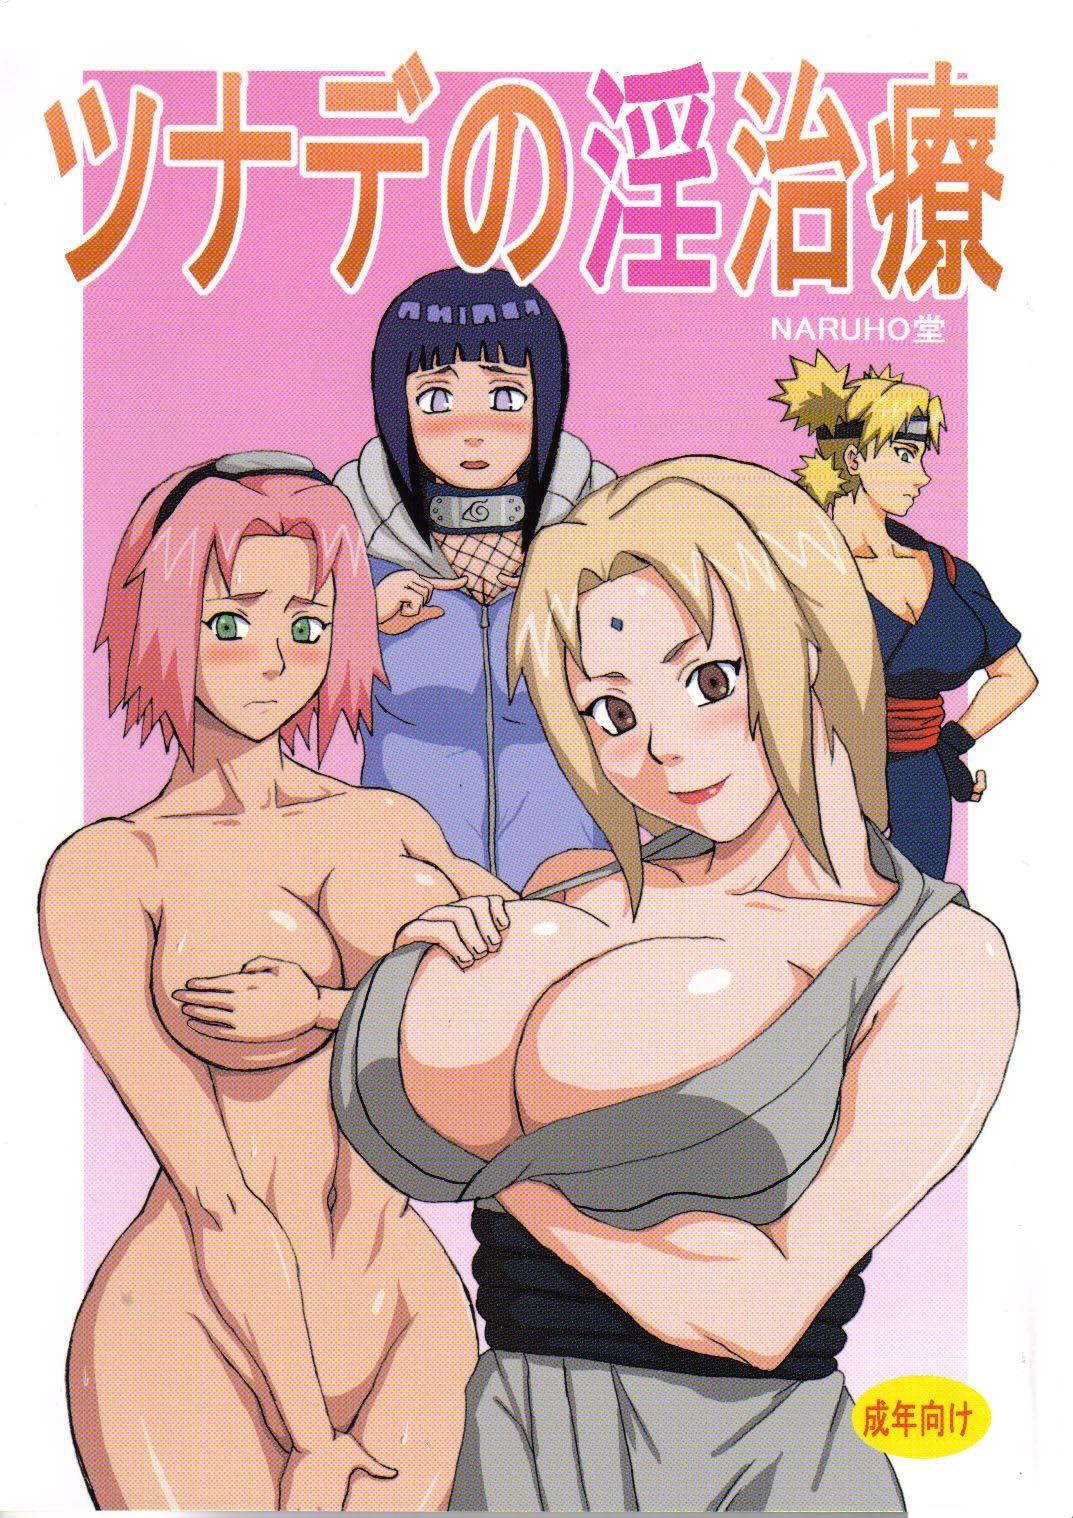 (C72) [Naruho-dou (Naruhodo)] Tsunade no Inchiryou - Tsunade\'s Sexual Therapy (Naruto)  {doujin-moe.us} [Colorized] - part 3